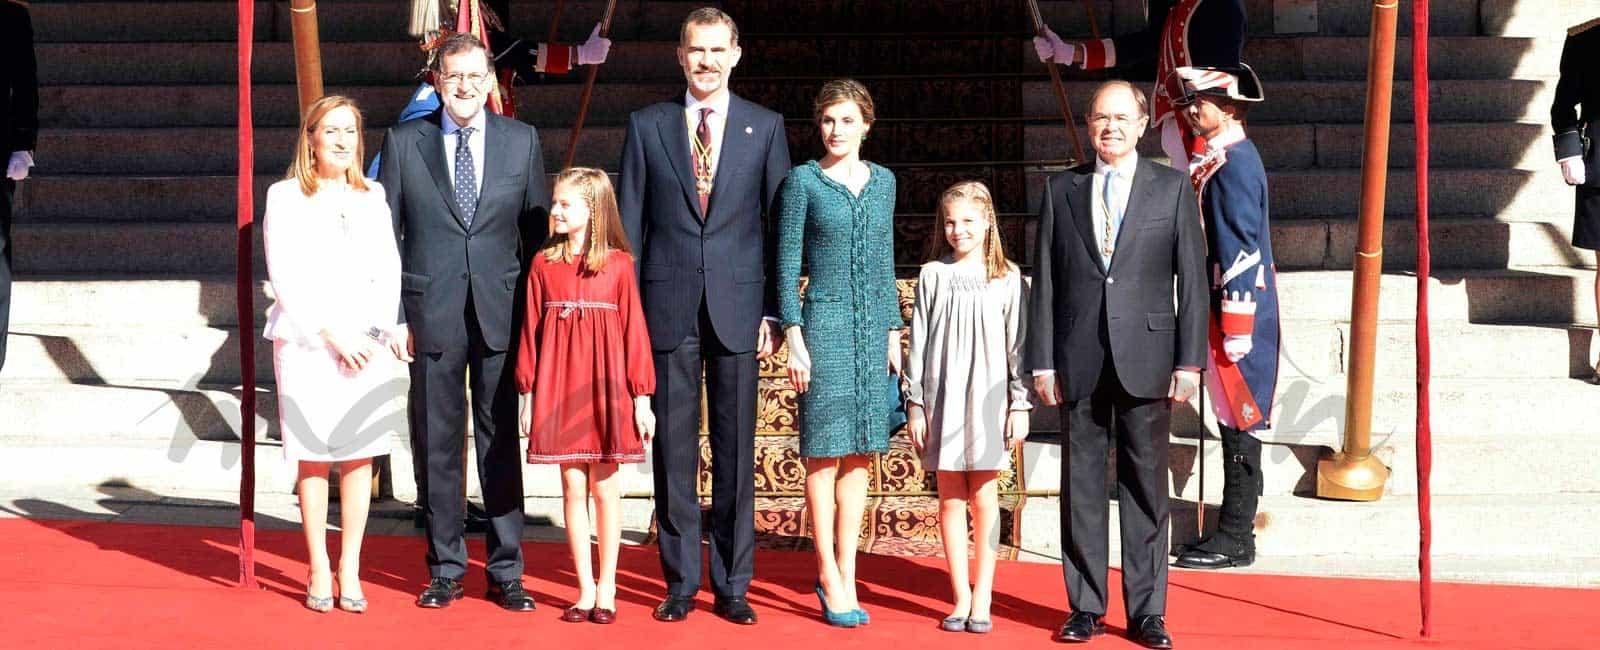 La princesa Leonor y infanta Sofía 'debutan' en una Apertura de Legislatura